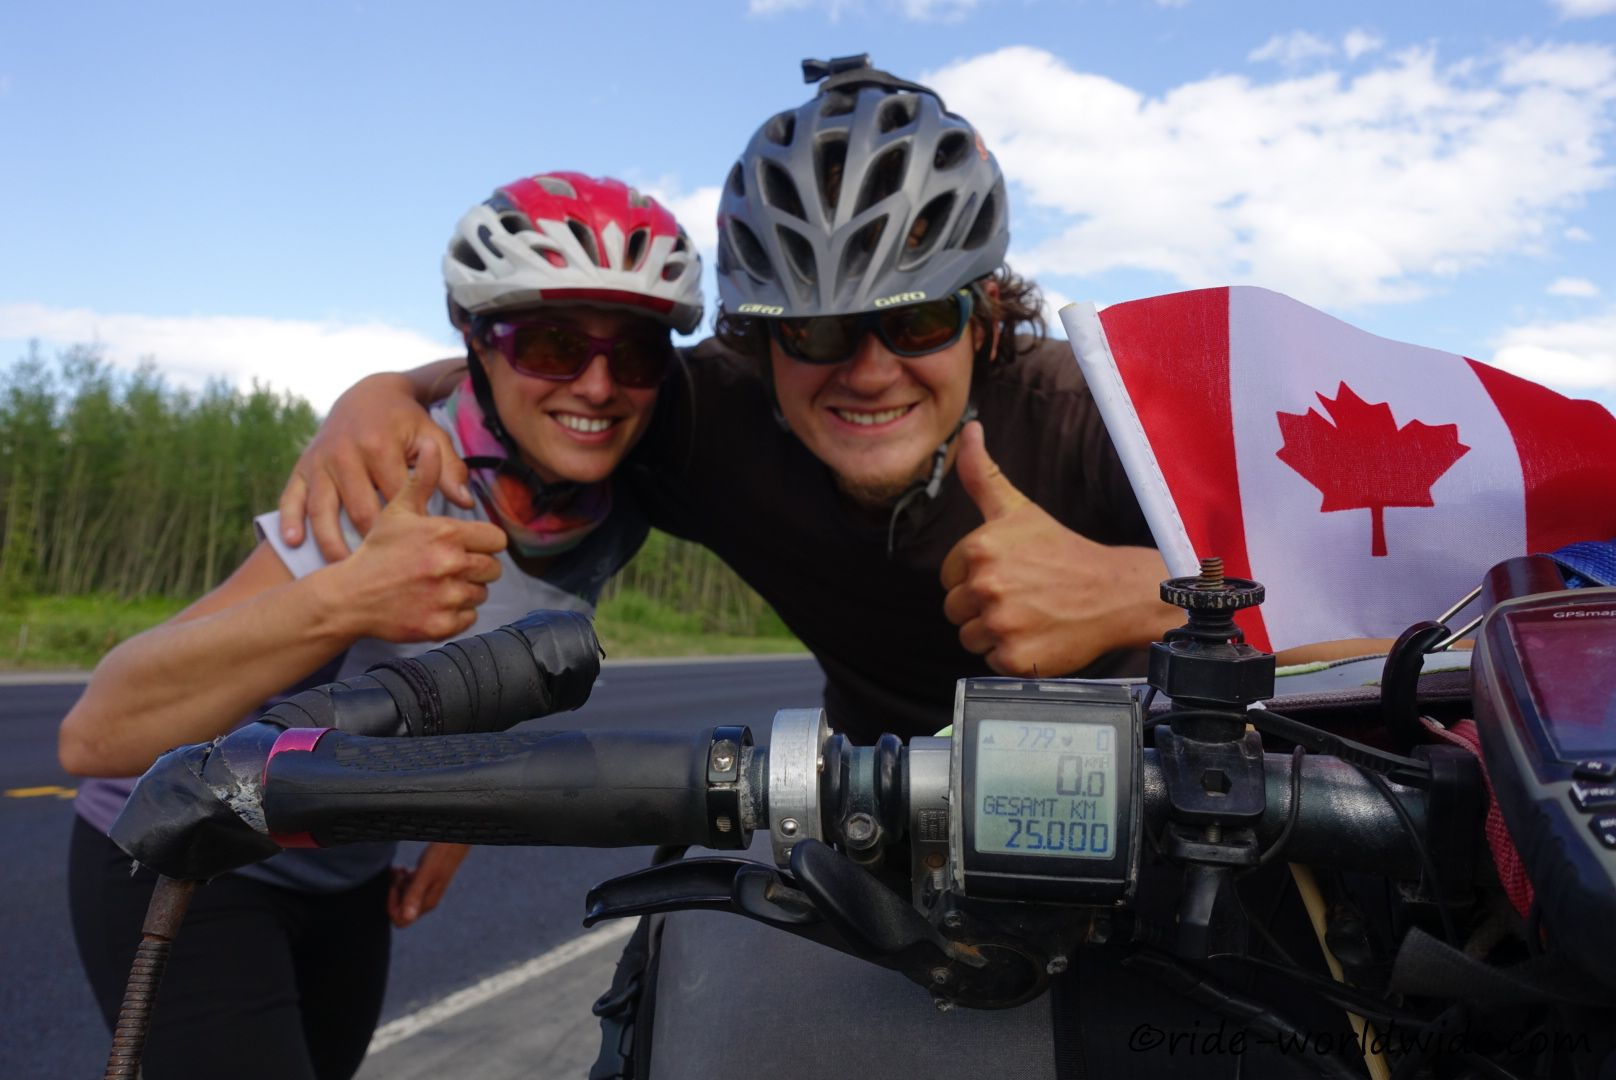 Kanada 25.000km. Ist das etwa schon Halbzeit?